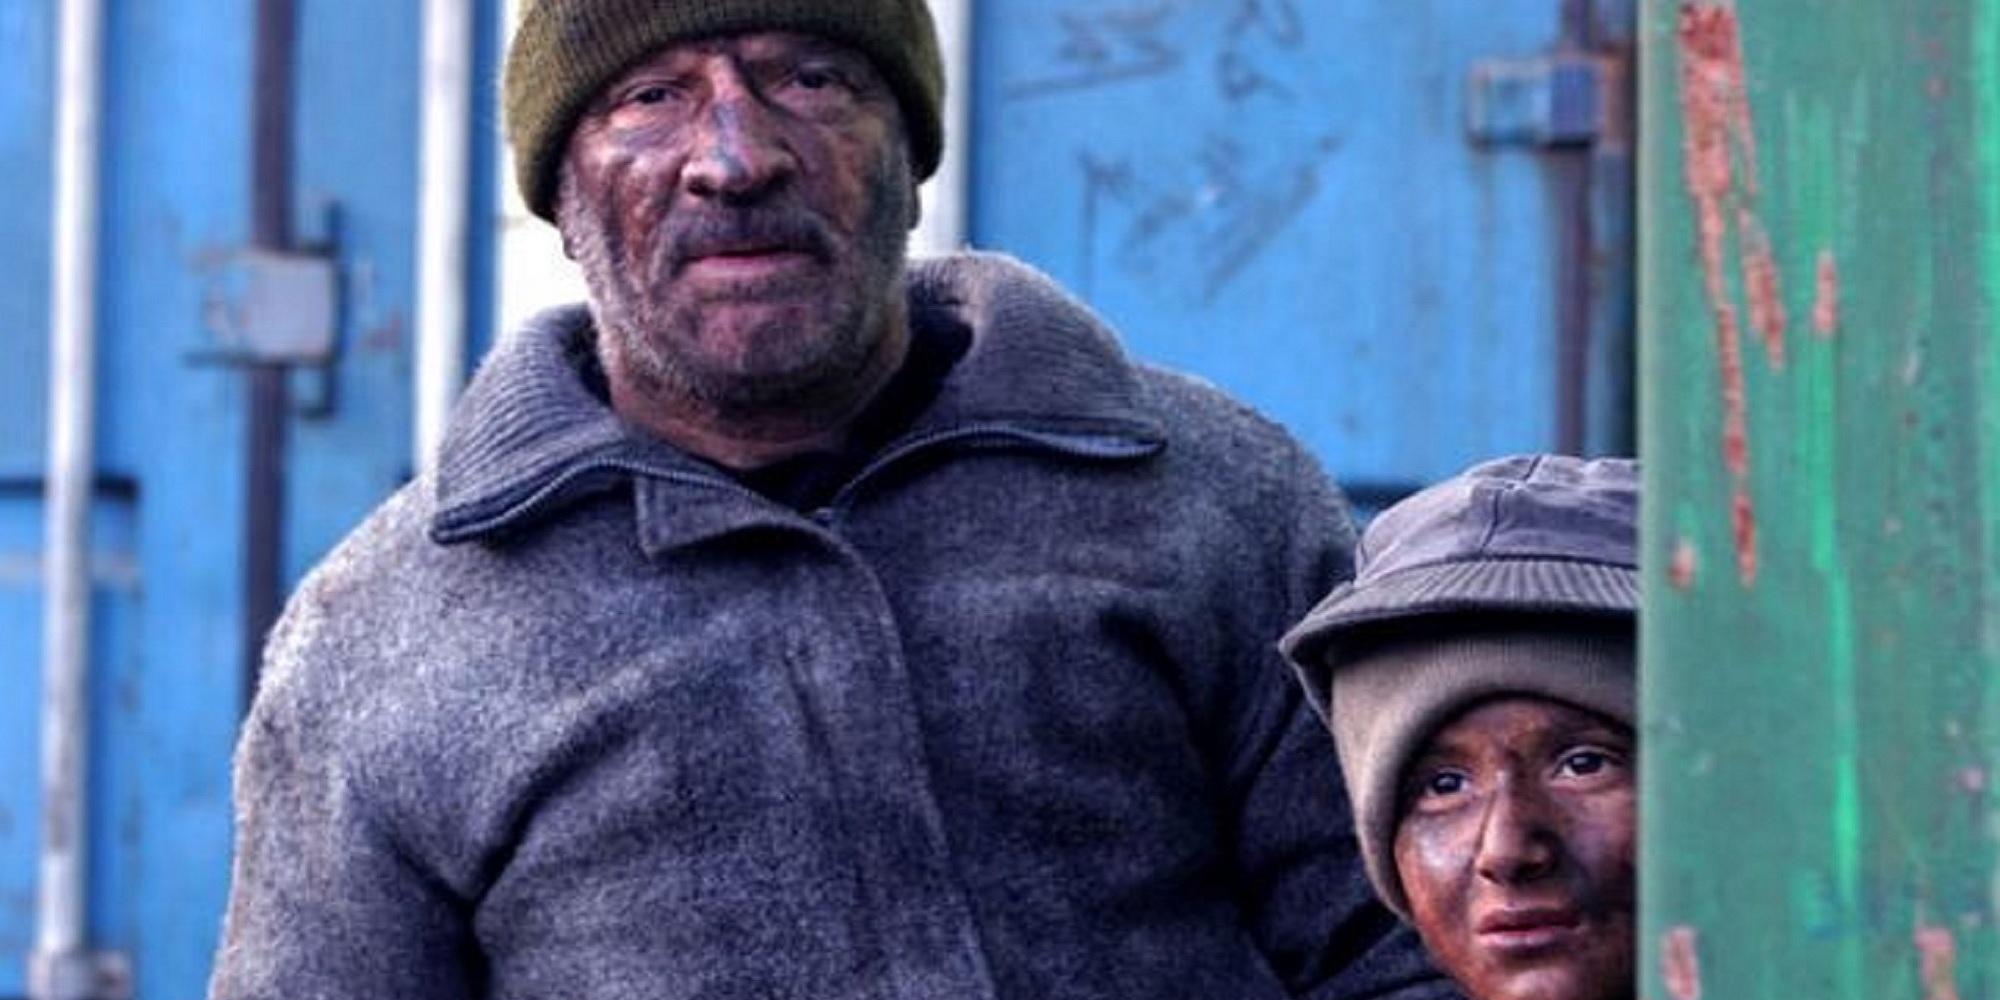 En mann og en gutt som er skitne i ansiktet og på klærne. Utsnitt fra filmen Bawke.